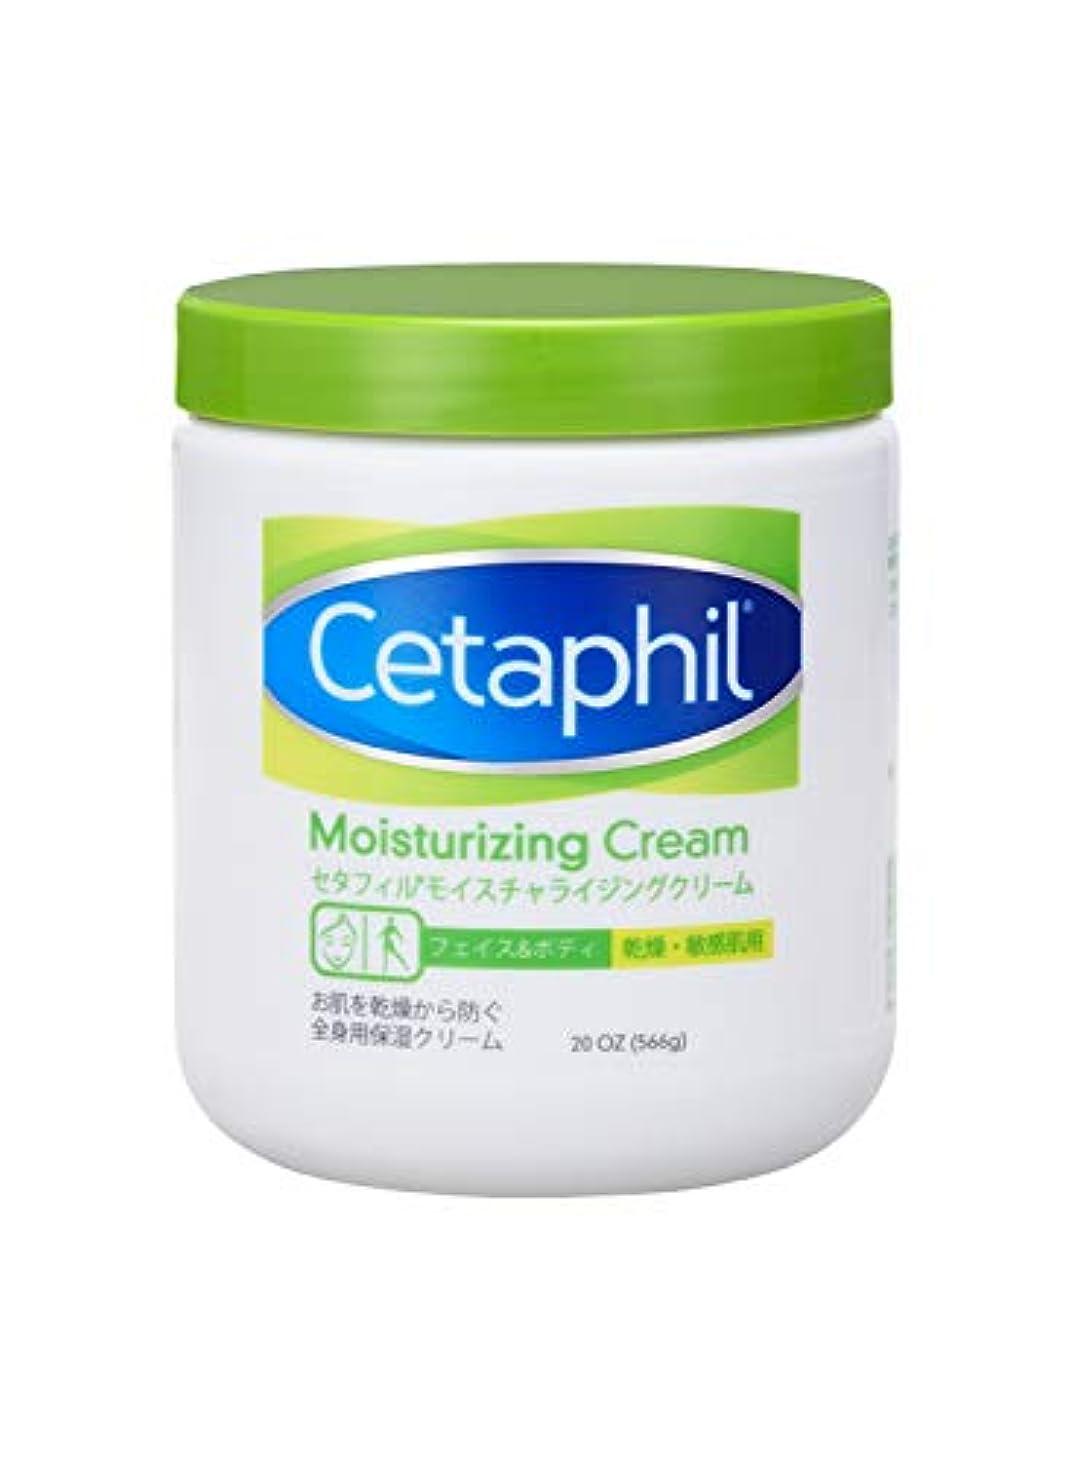 大学ベース厚いセタフィル Cetaphil ® モイスチャライジングクリーム 566ml ( フェイス & ボディ 保湿クリーム クリーム )